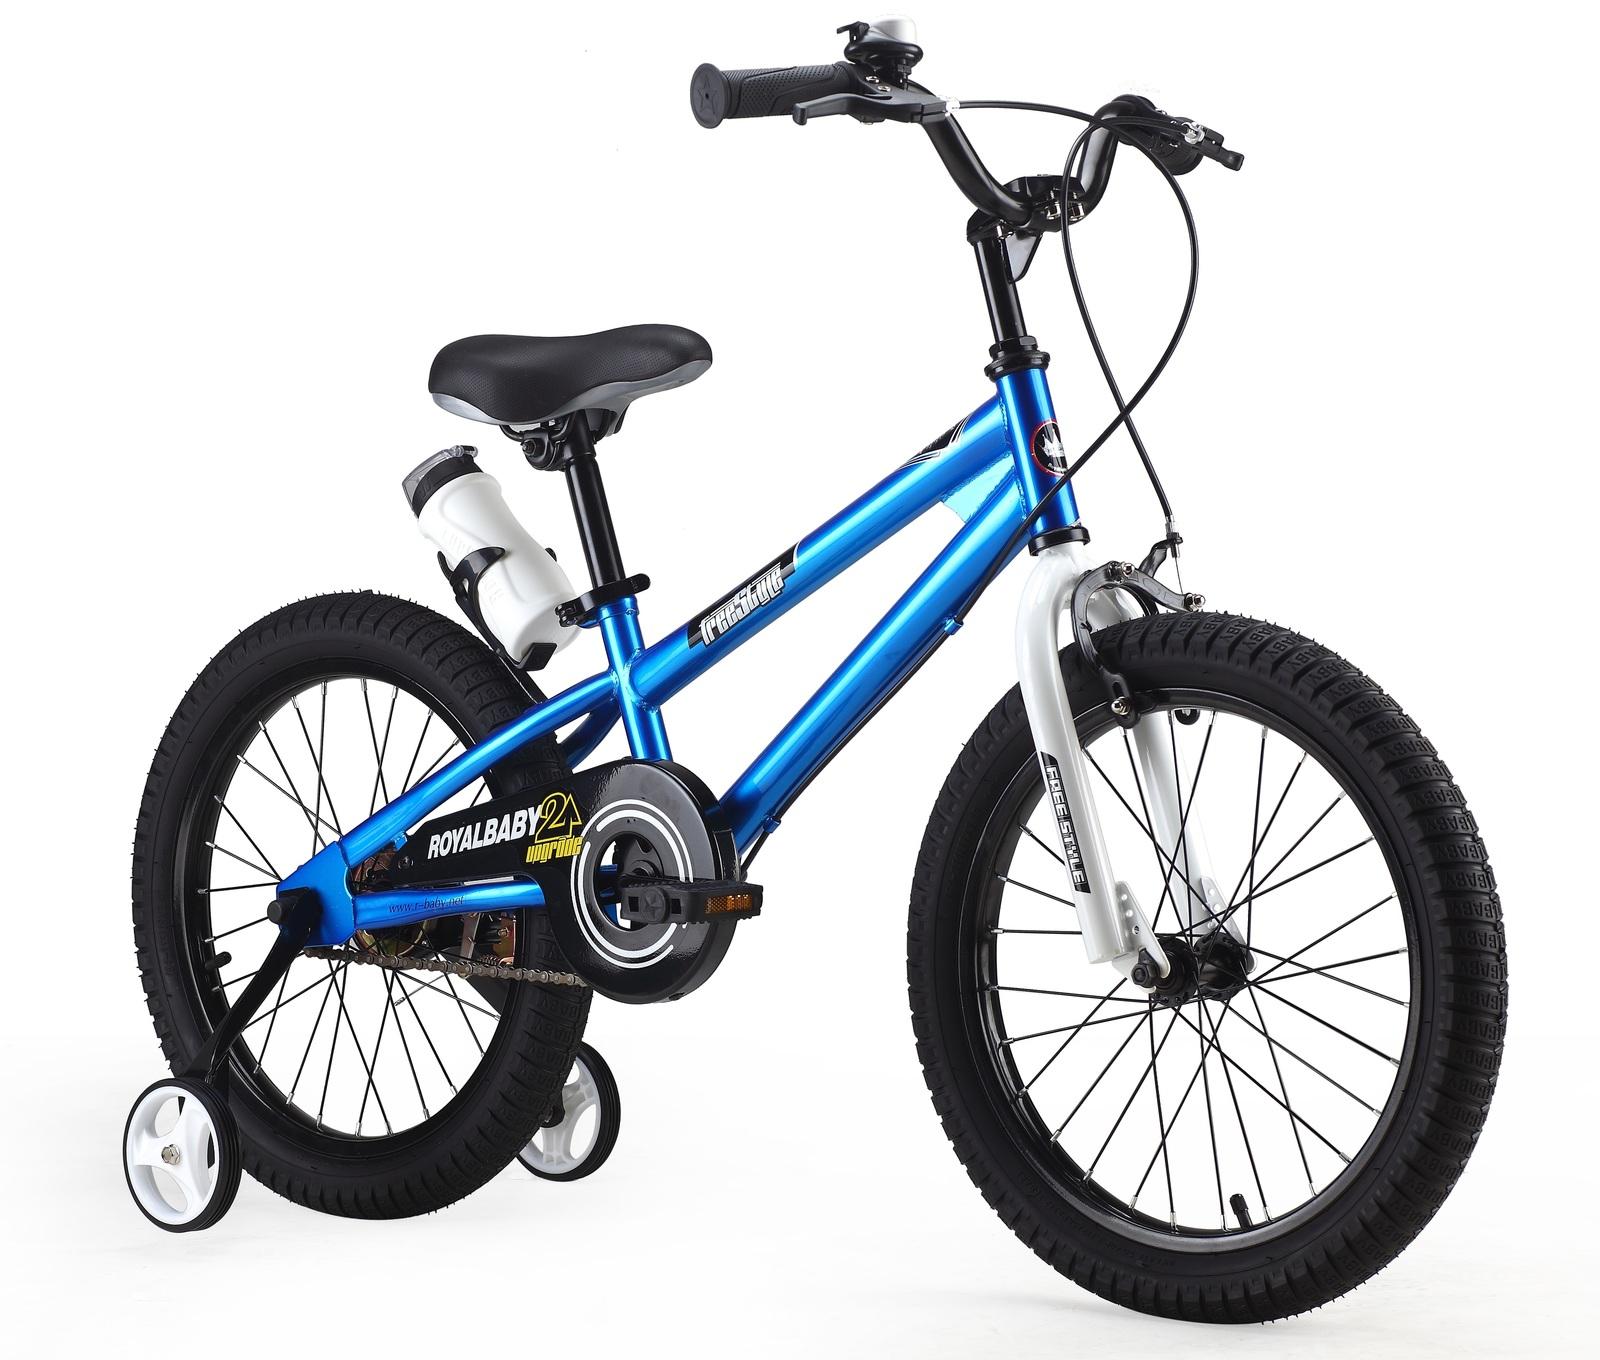 """RoyalBaby: BMX Freestyle - 18"""" Bike (Blue) image"""